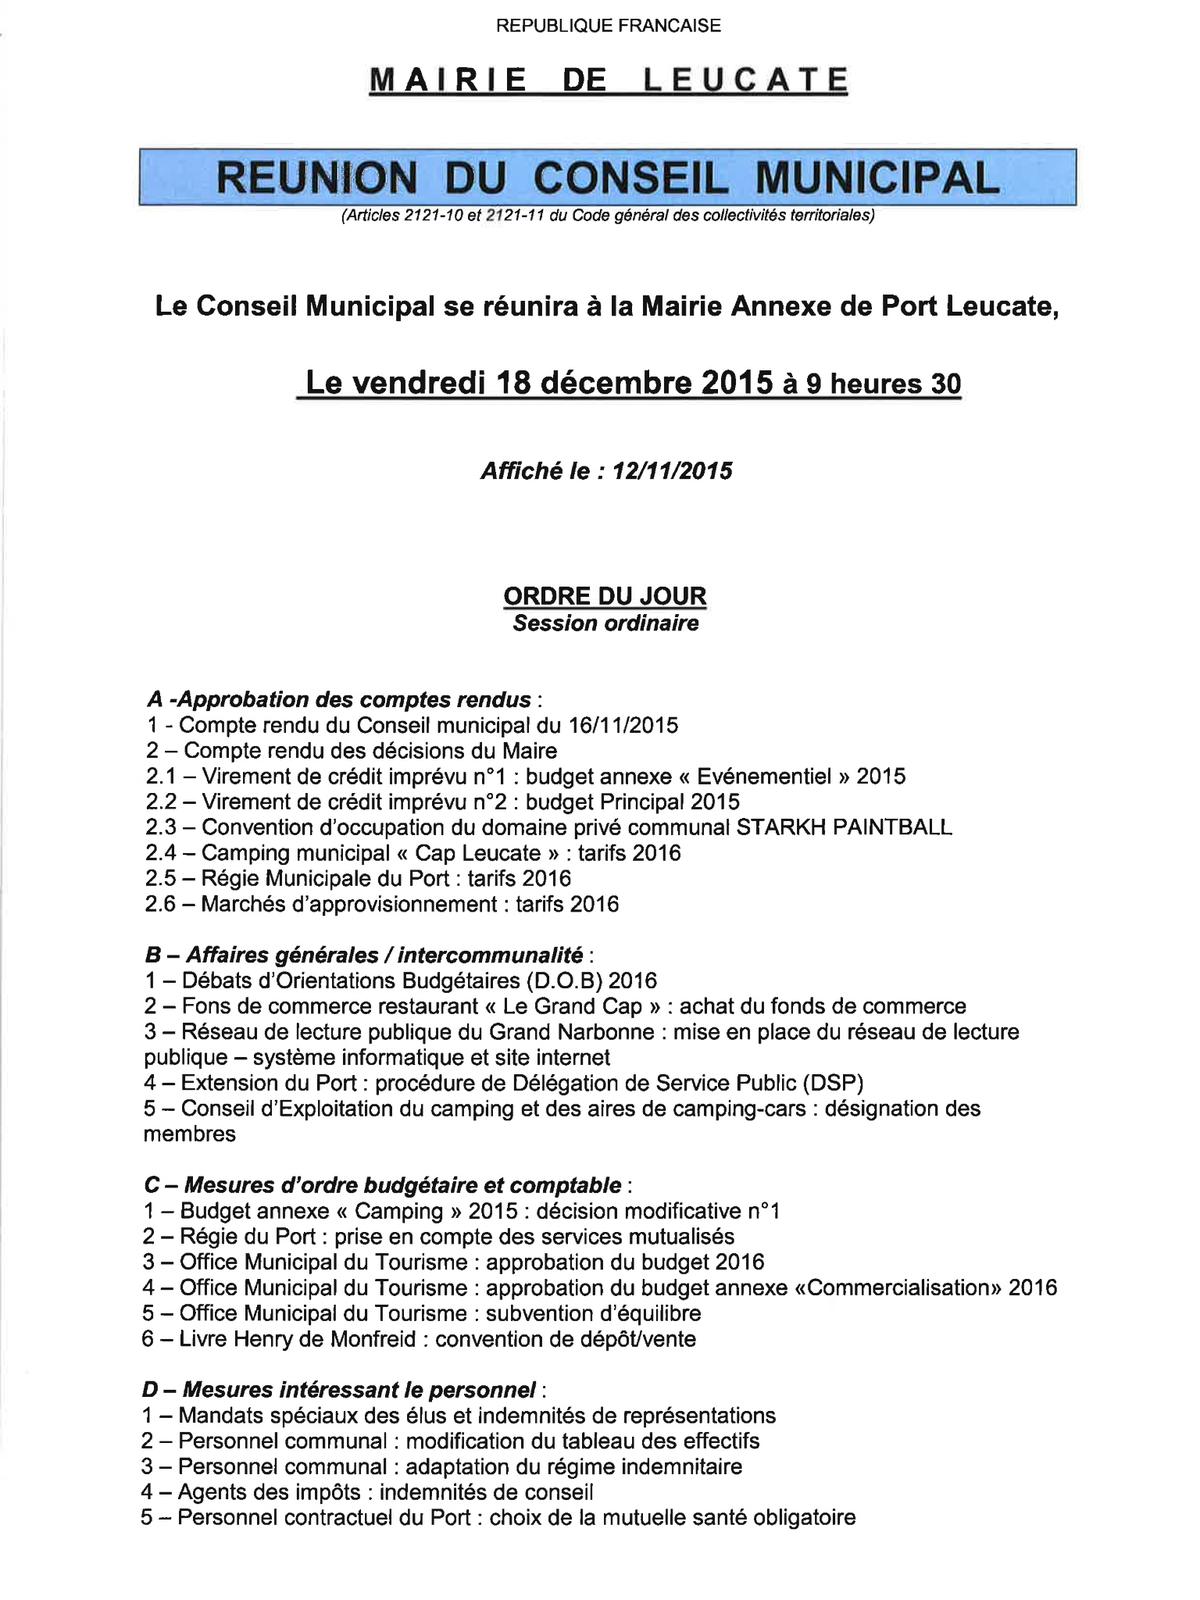 Le Conseil Municipal vous convie le 18/12/2015 à 9h30 en Mairie Annexe de Port-leucate.